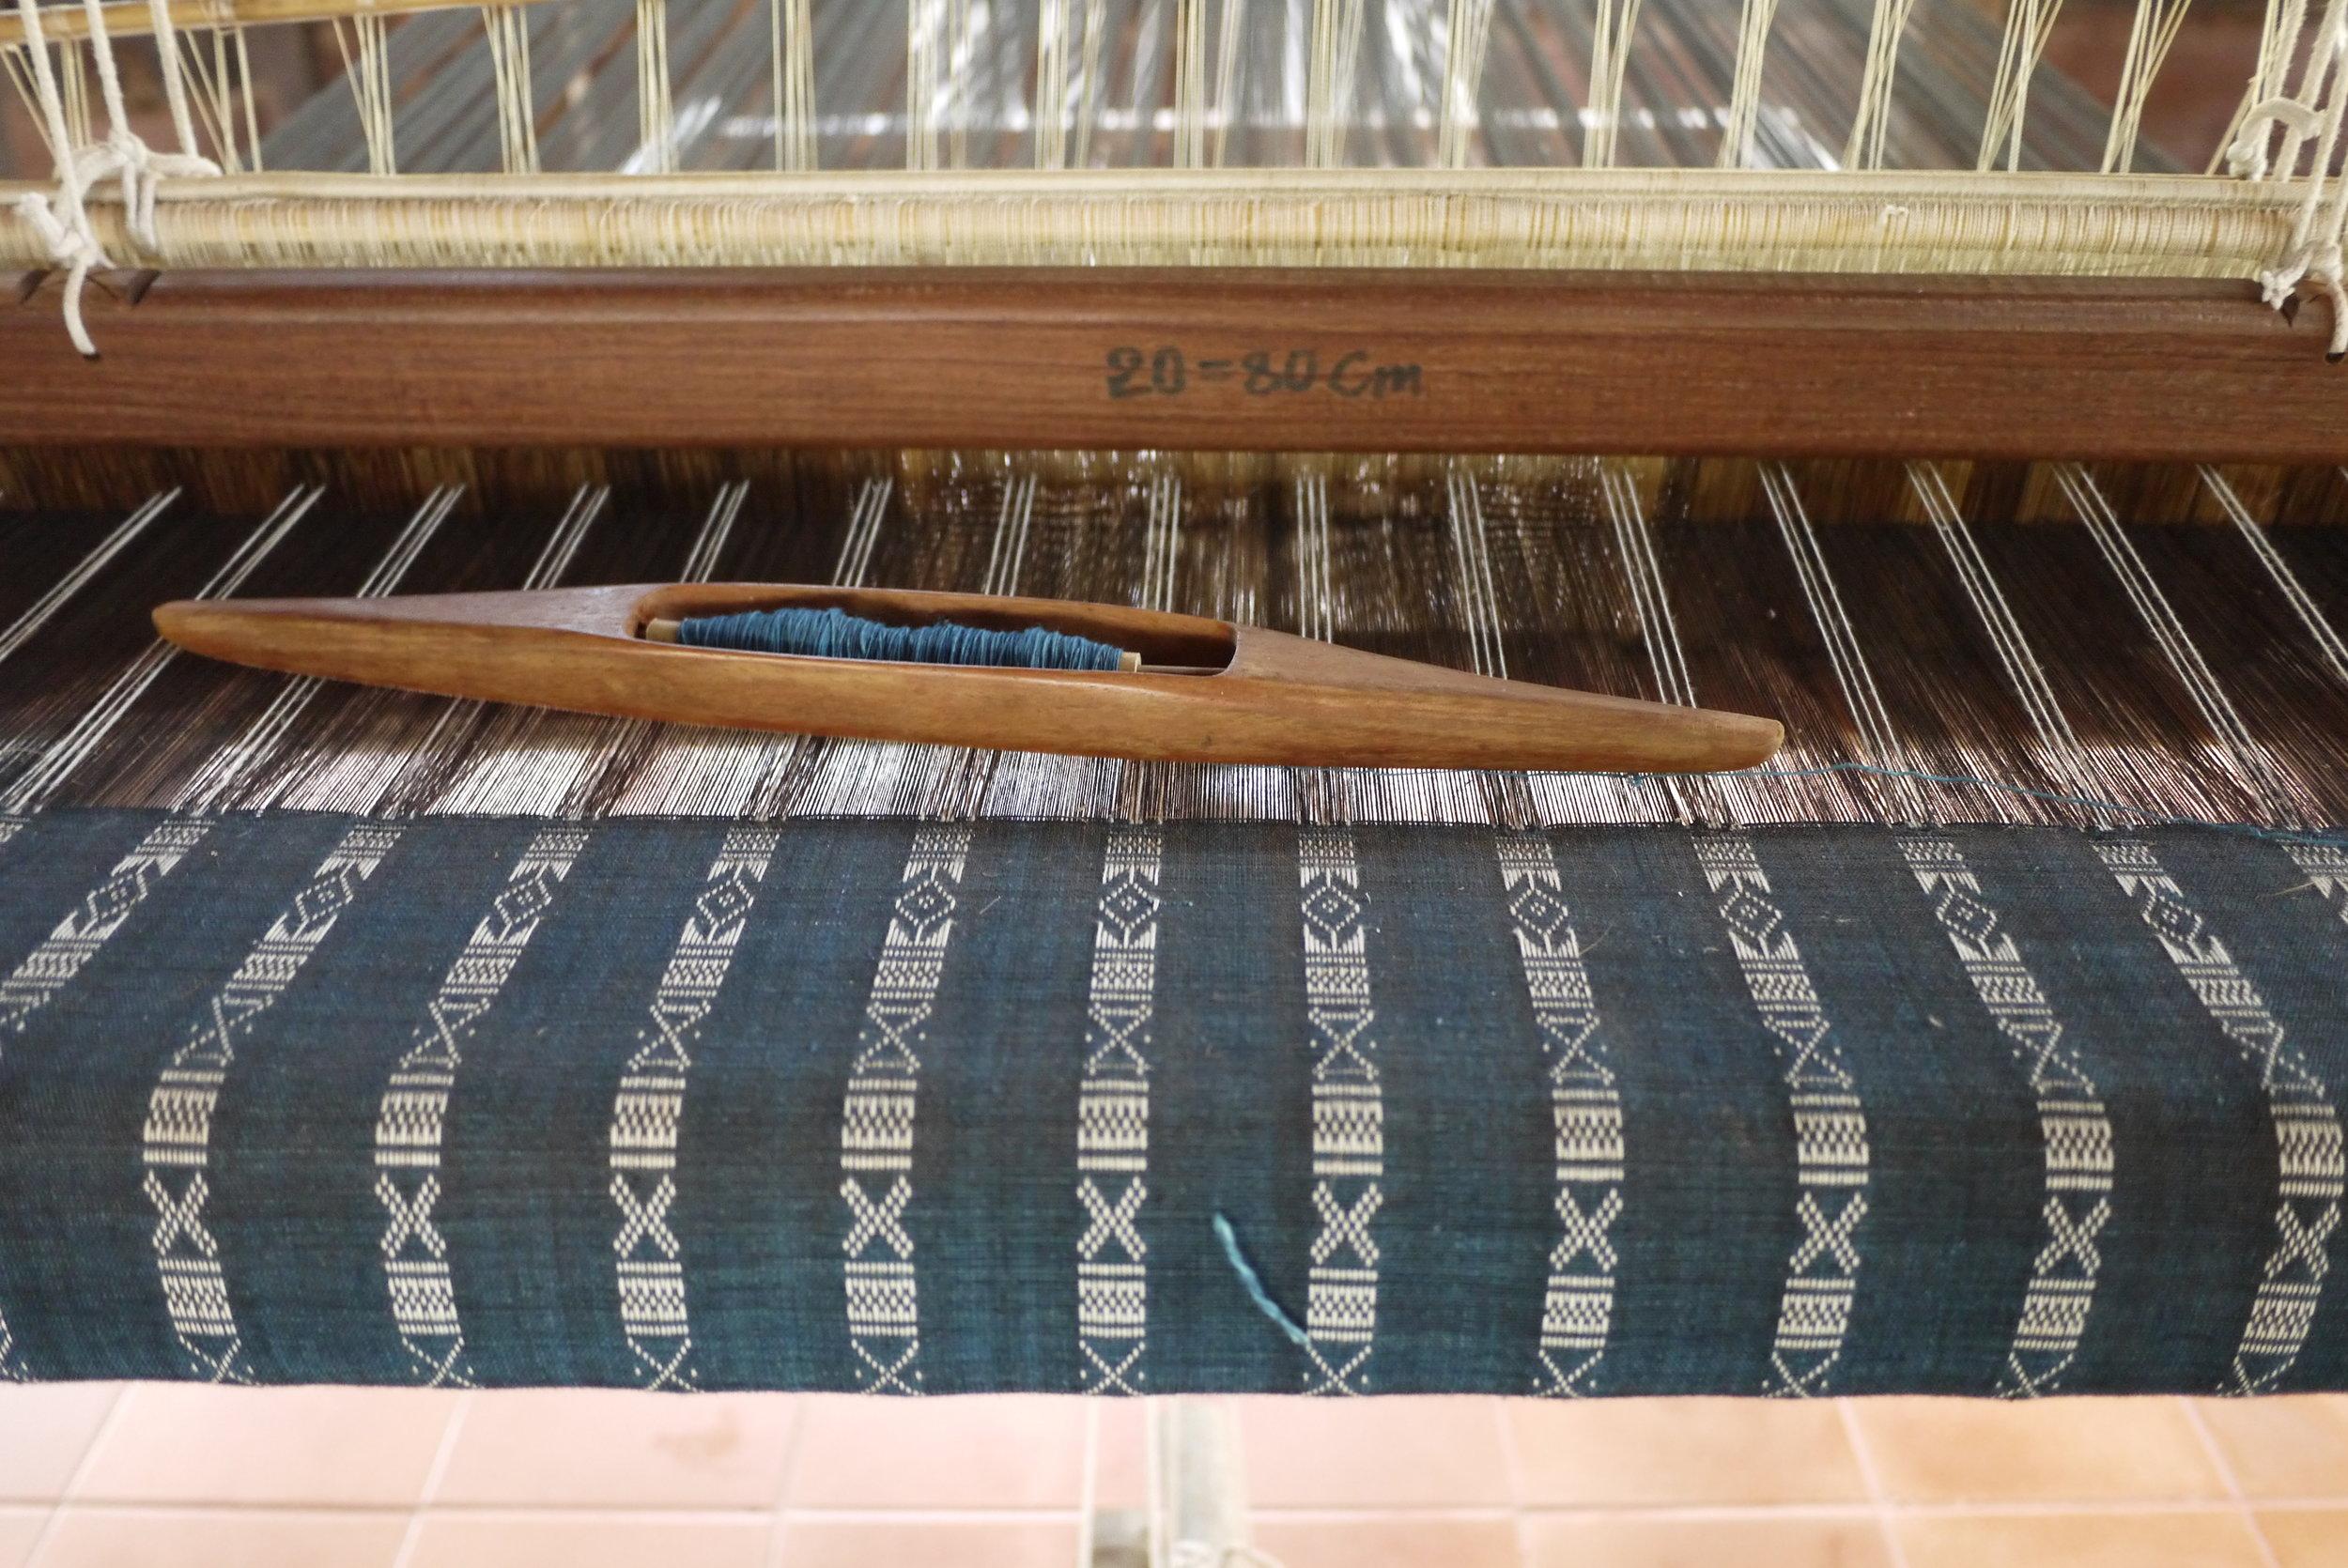 Work-in-progress on a loom